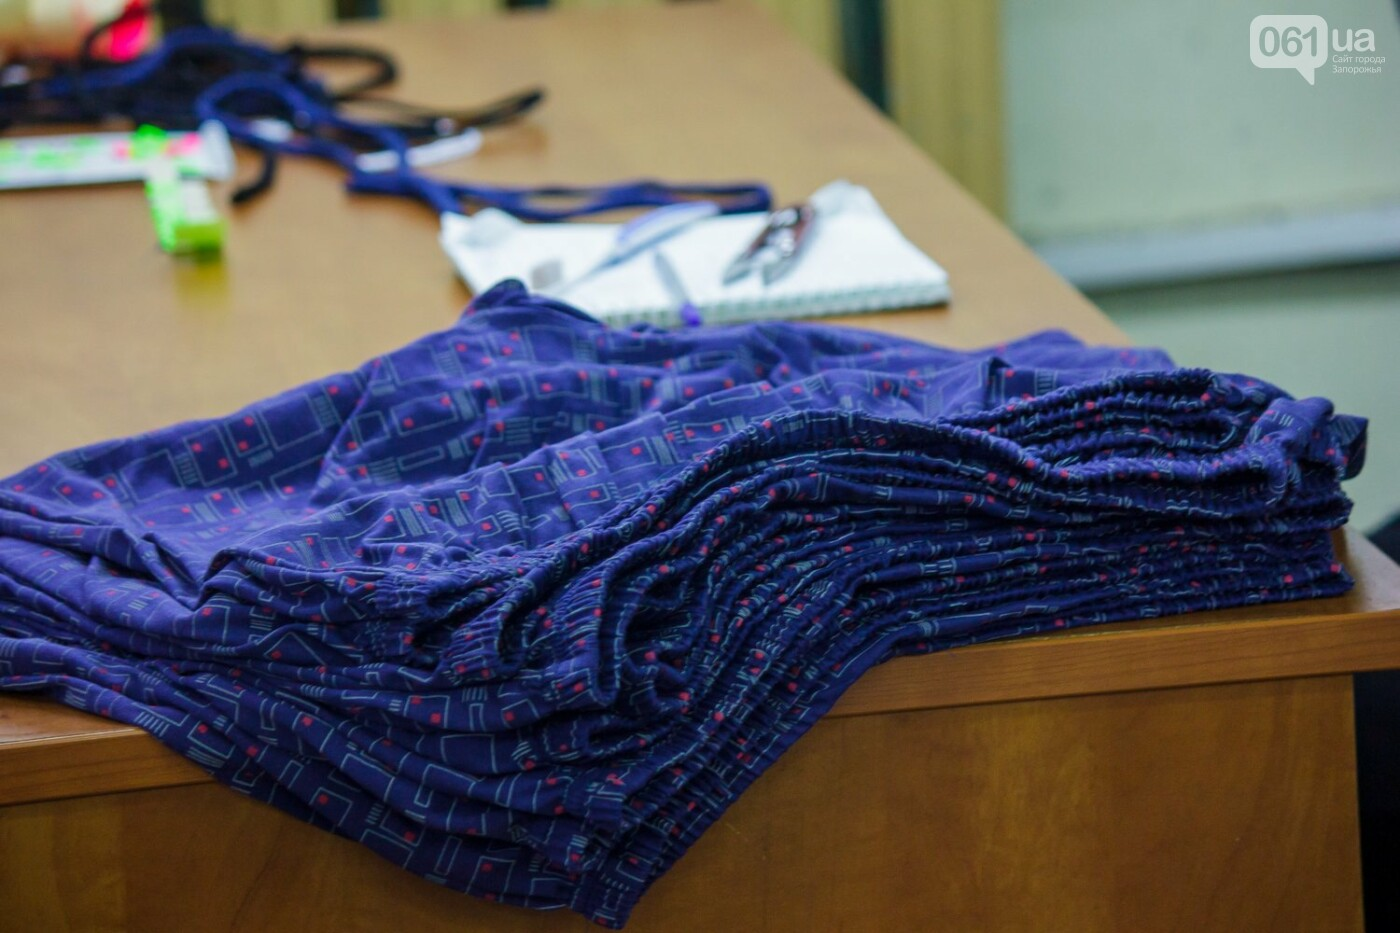 Как в Запорожье шьют мужское белье: экскурсия на трикотажную фабрику, – ФОТОРЕПОРТАЖ, фото-52